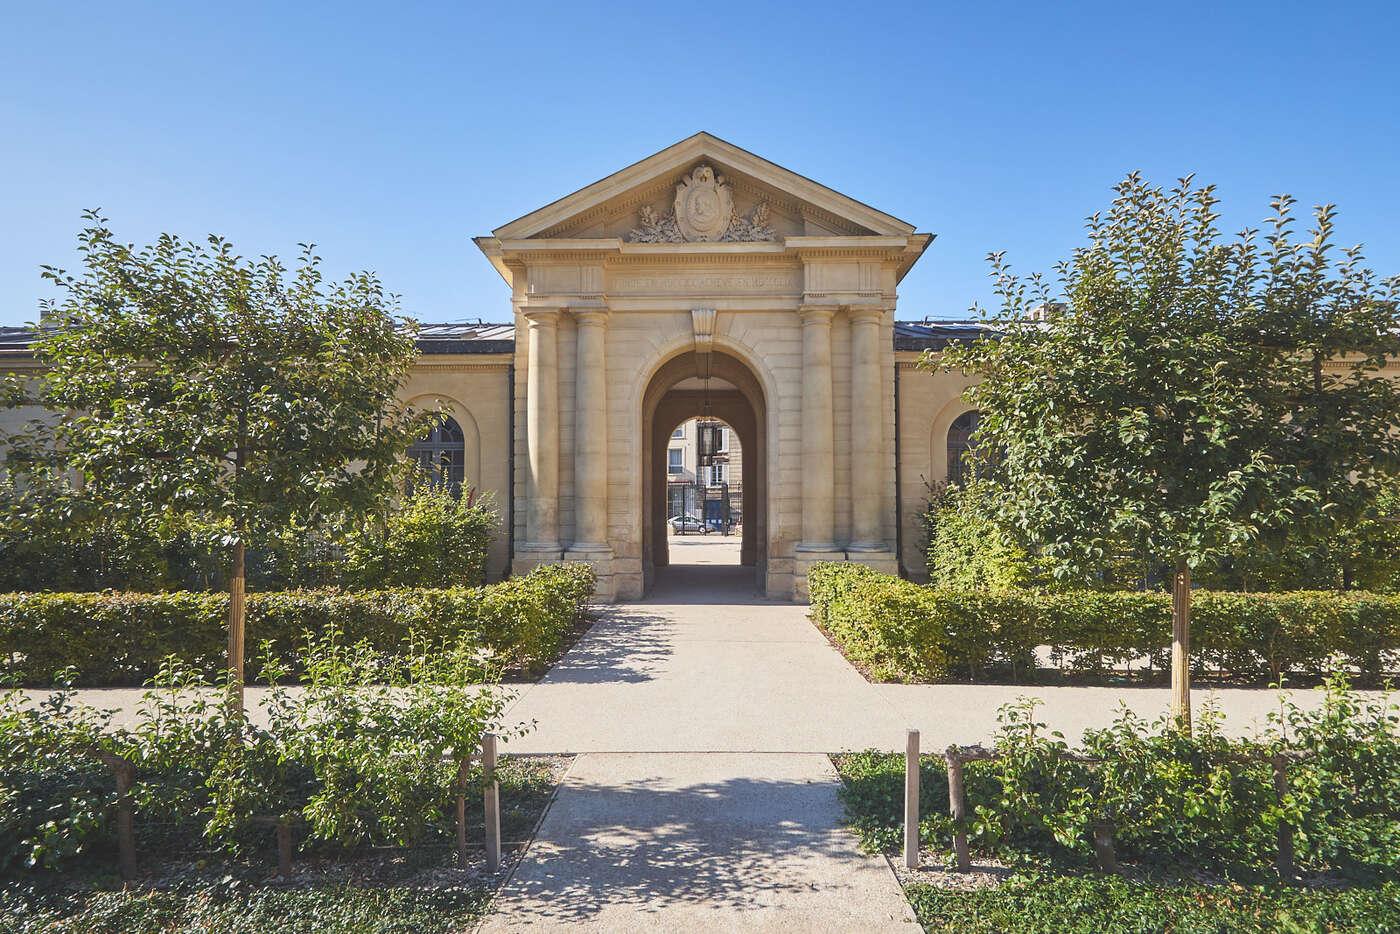 Porte des Chirurgiens de l'Hôpital Richaud, Versailles